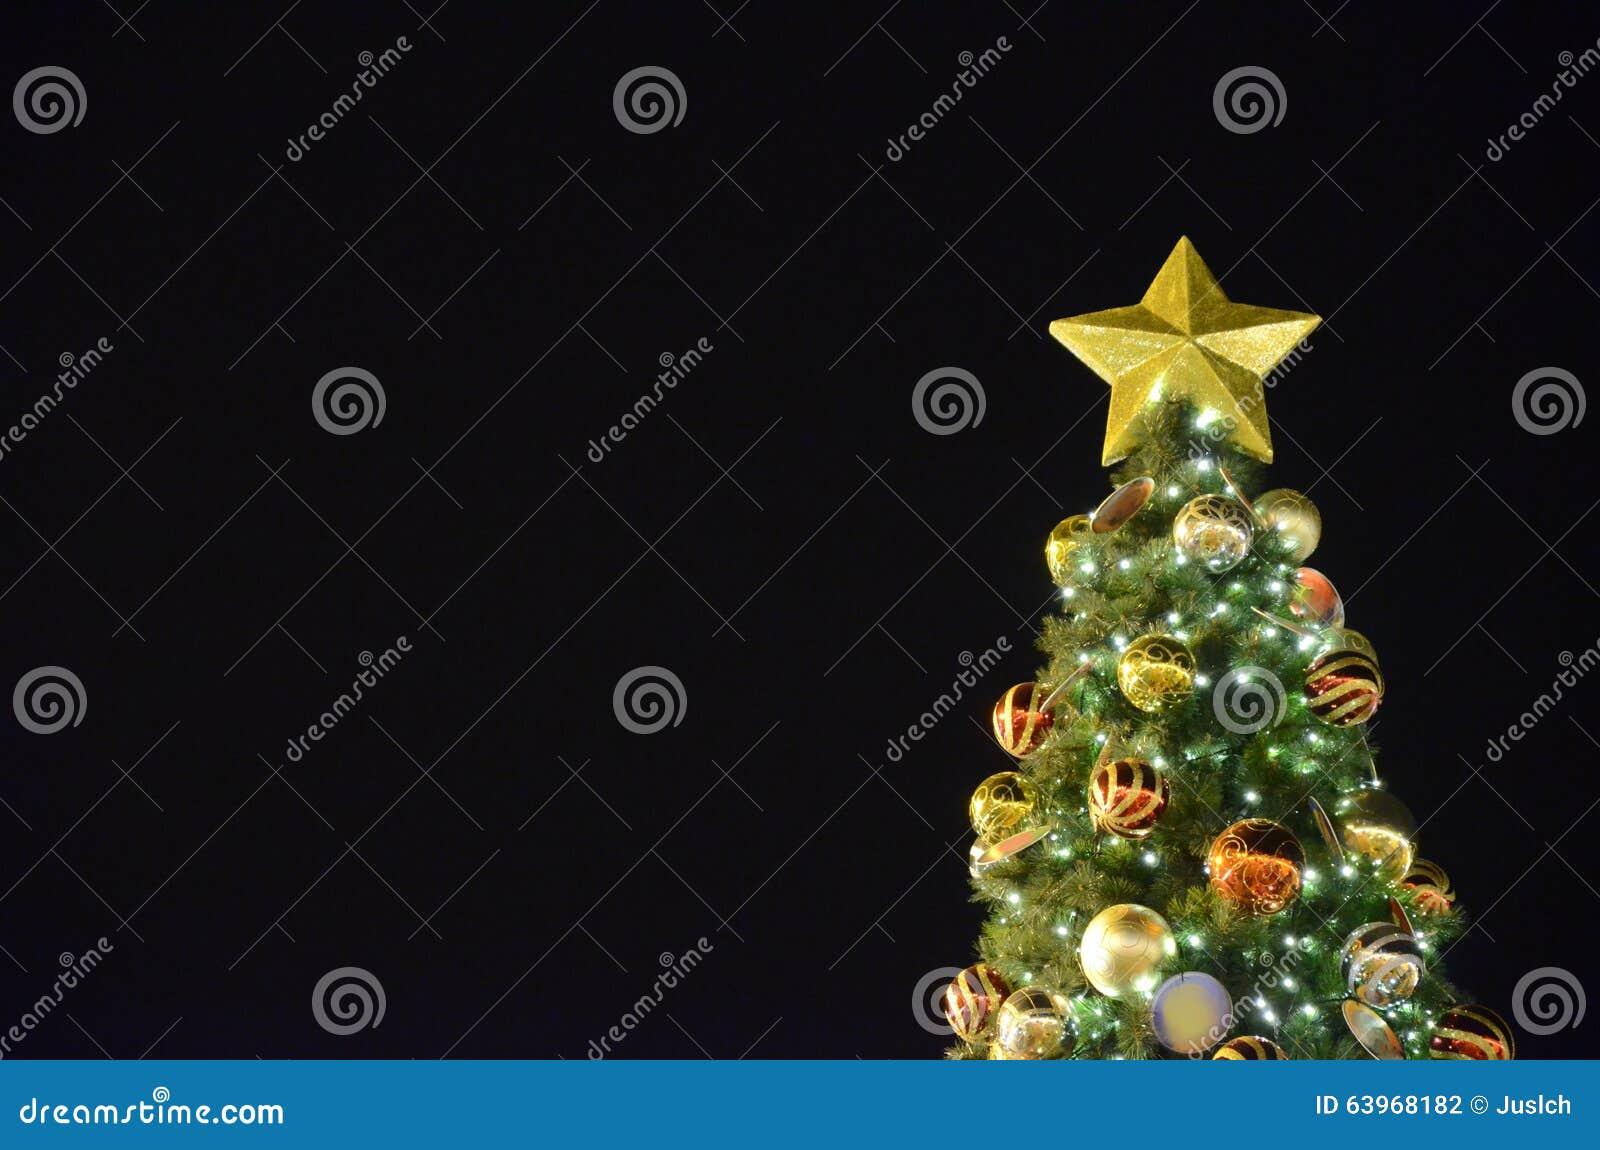 Schwarzer hintergrund mit weihnachtsbaum stockfoto bild von hintergrund beleuchtung 63968182 - Schwarzer weihnachtsbaum ...